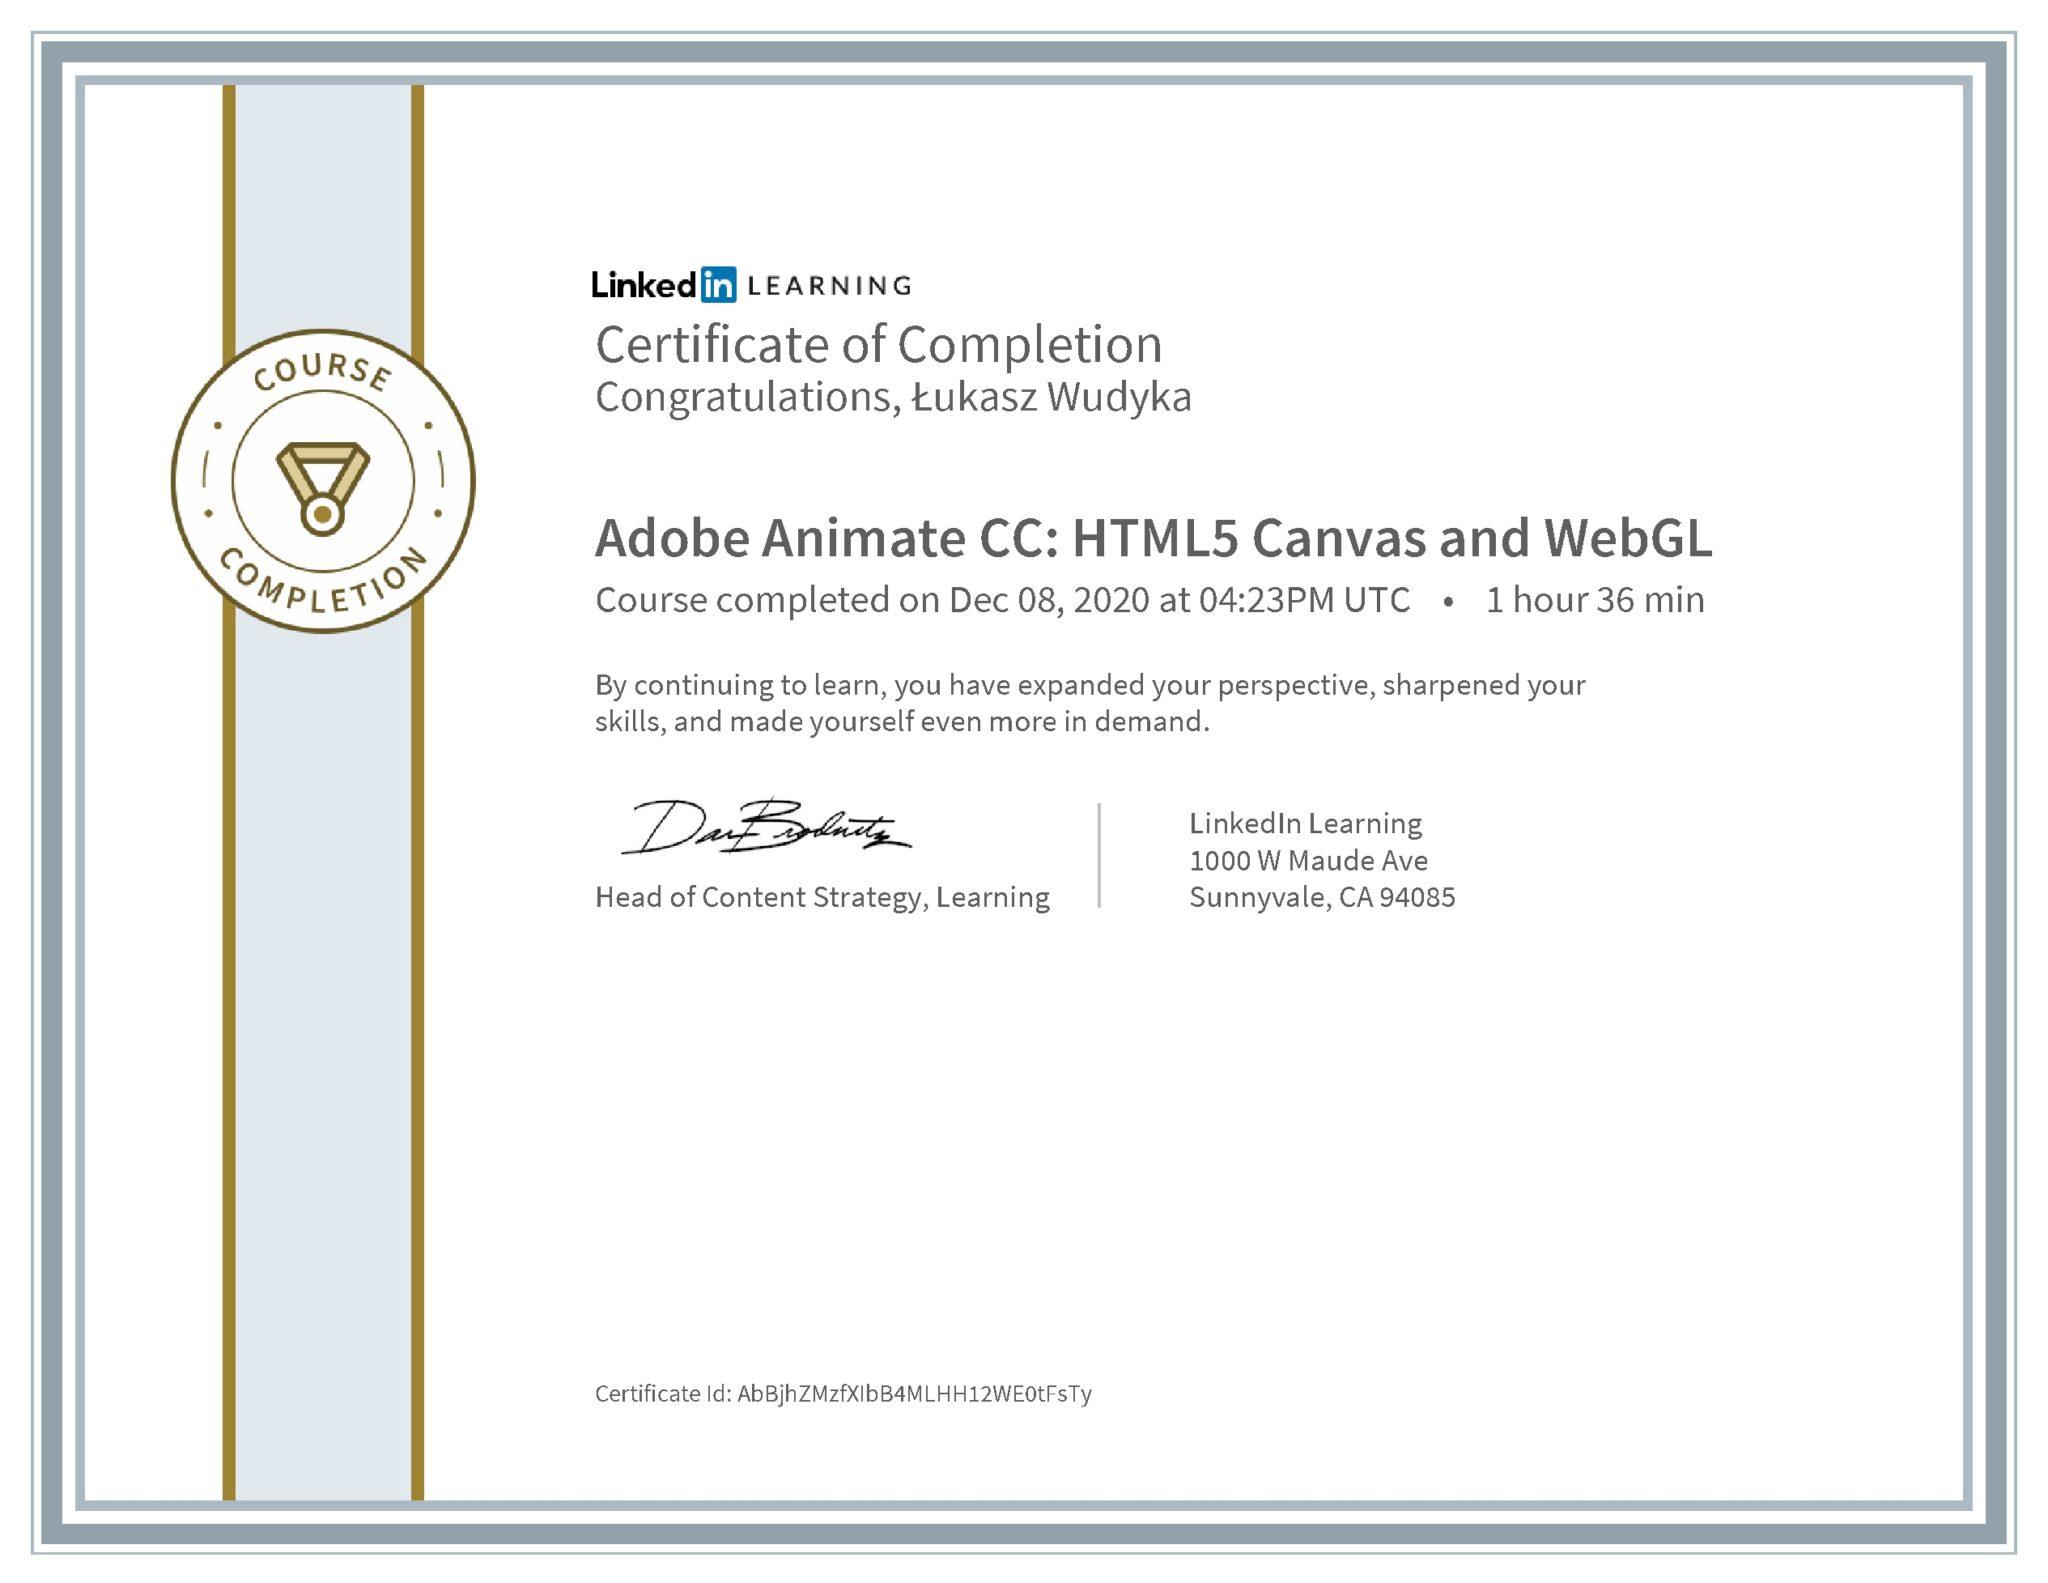 Łukasz Wudyka certyfikat LinkedIn Adobe Animate CC: HTML5 Canvas and WebGL